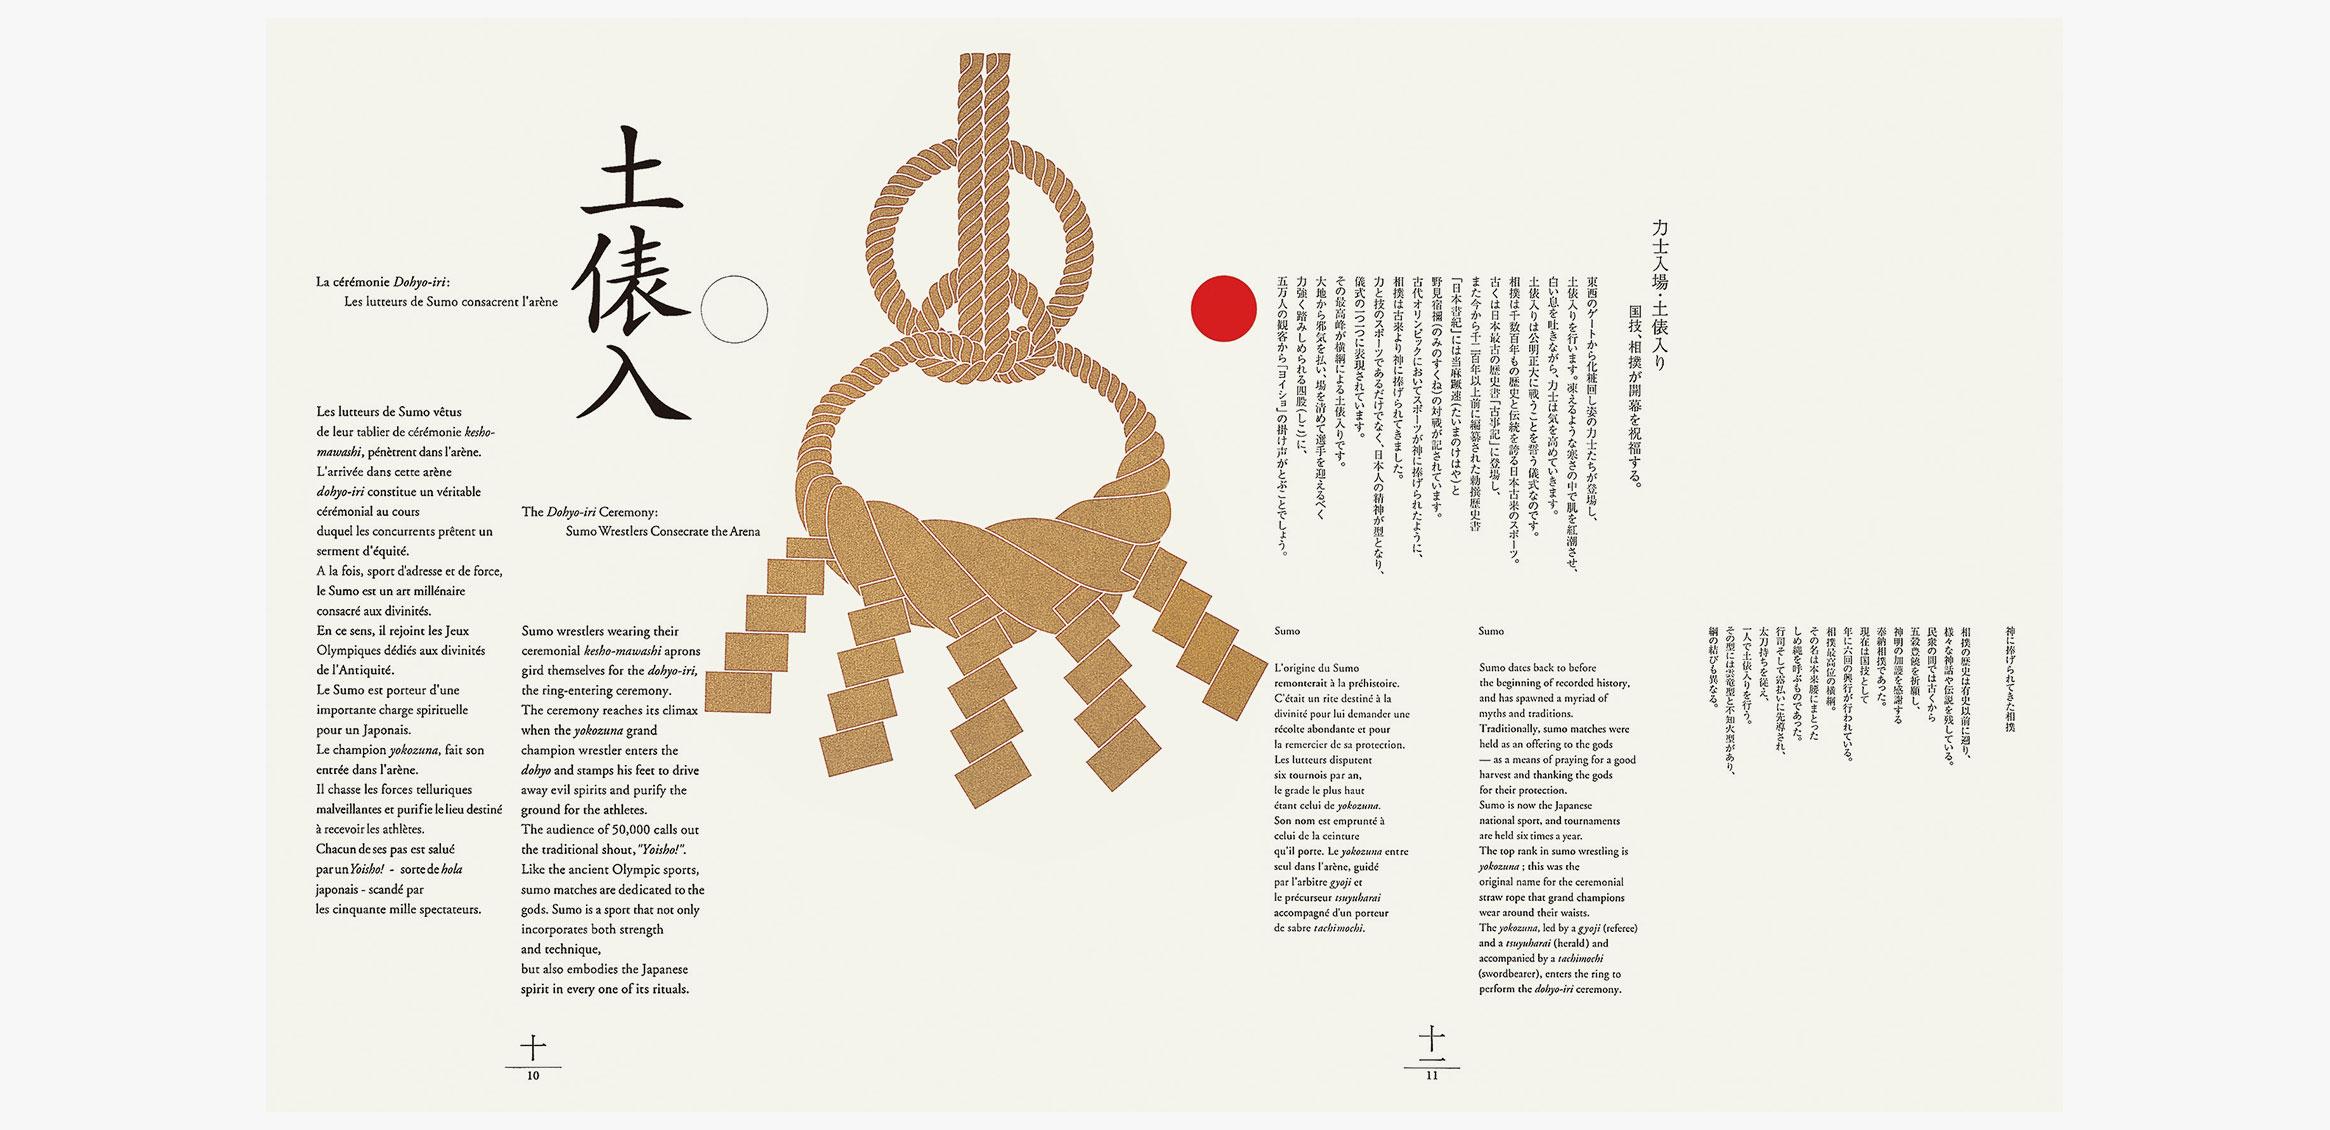 長野冬季オリンピック 開・閉会式プログラムデザイン2枚目